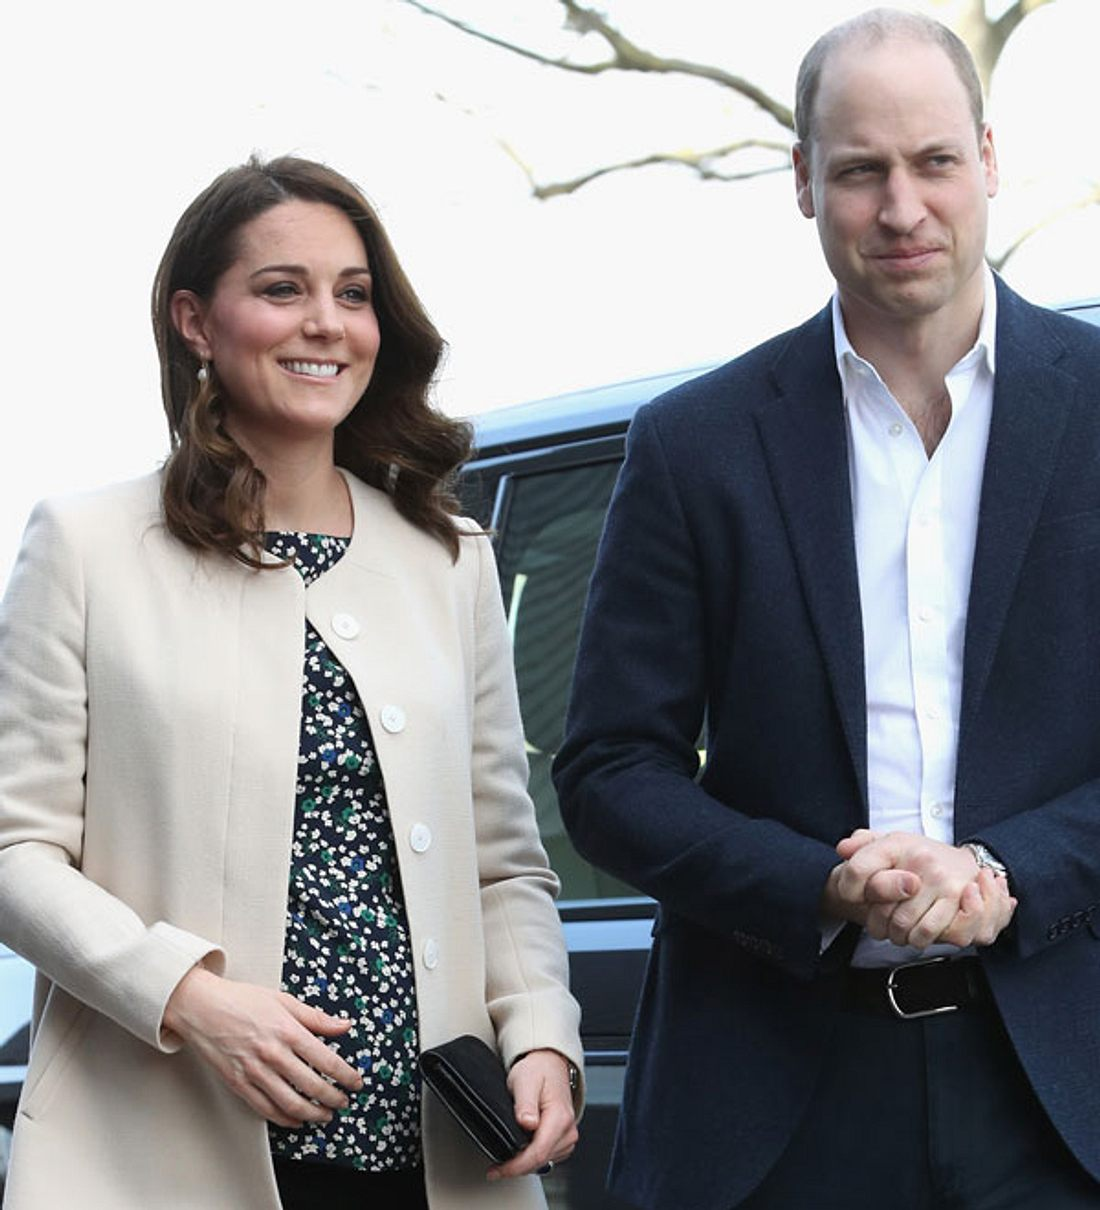 Herzogin Kate & Prinz William: Unerwartete Schwangerschafts-Neuigkeiten!